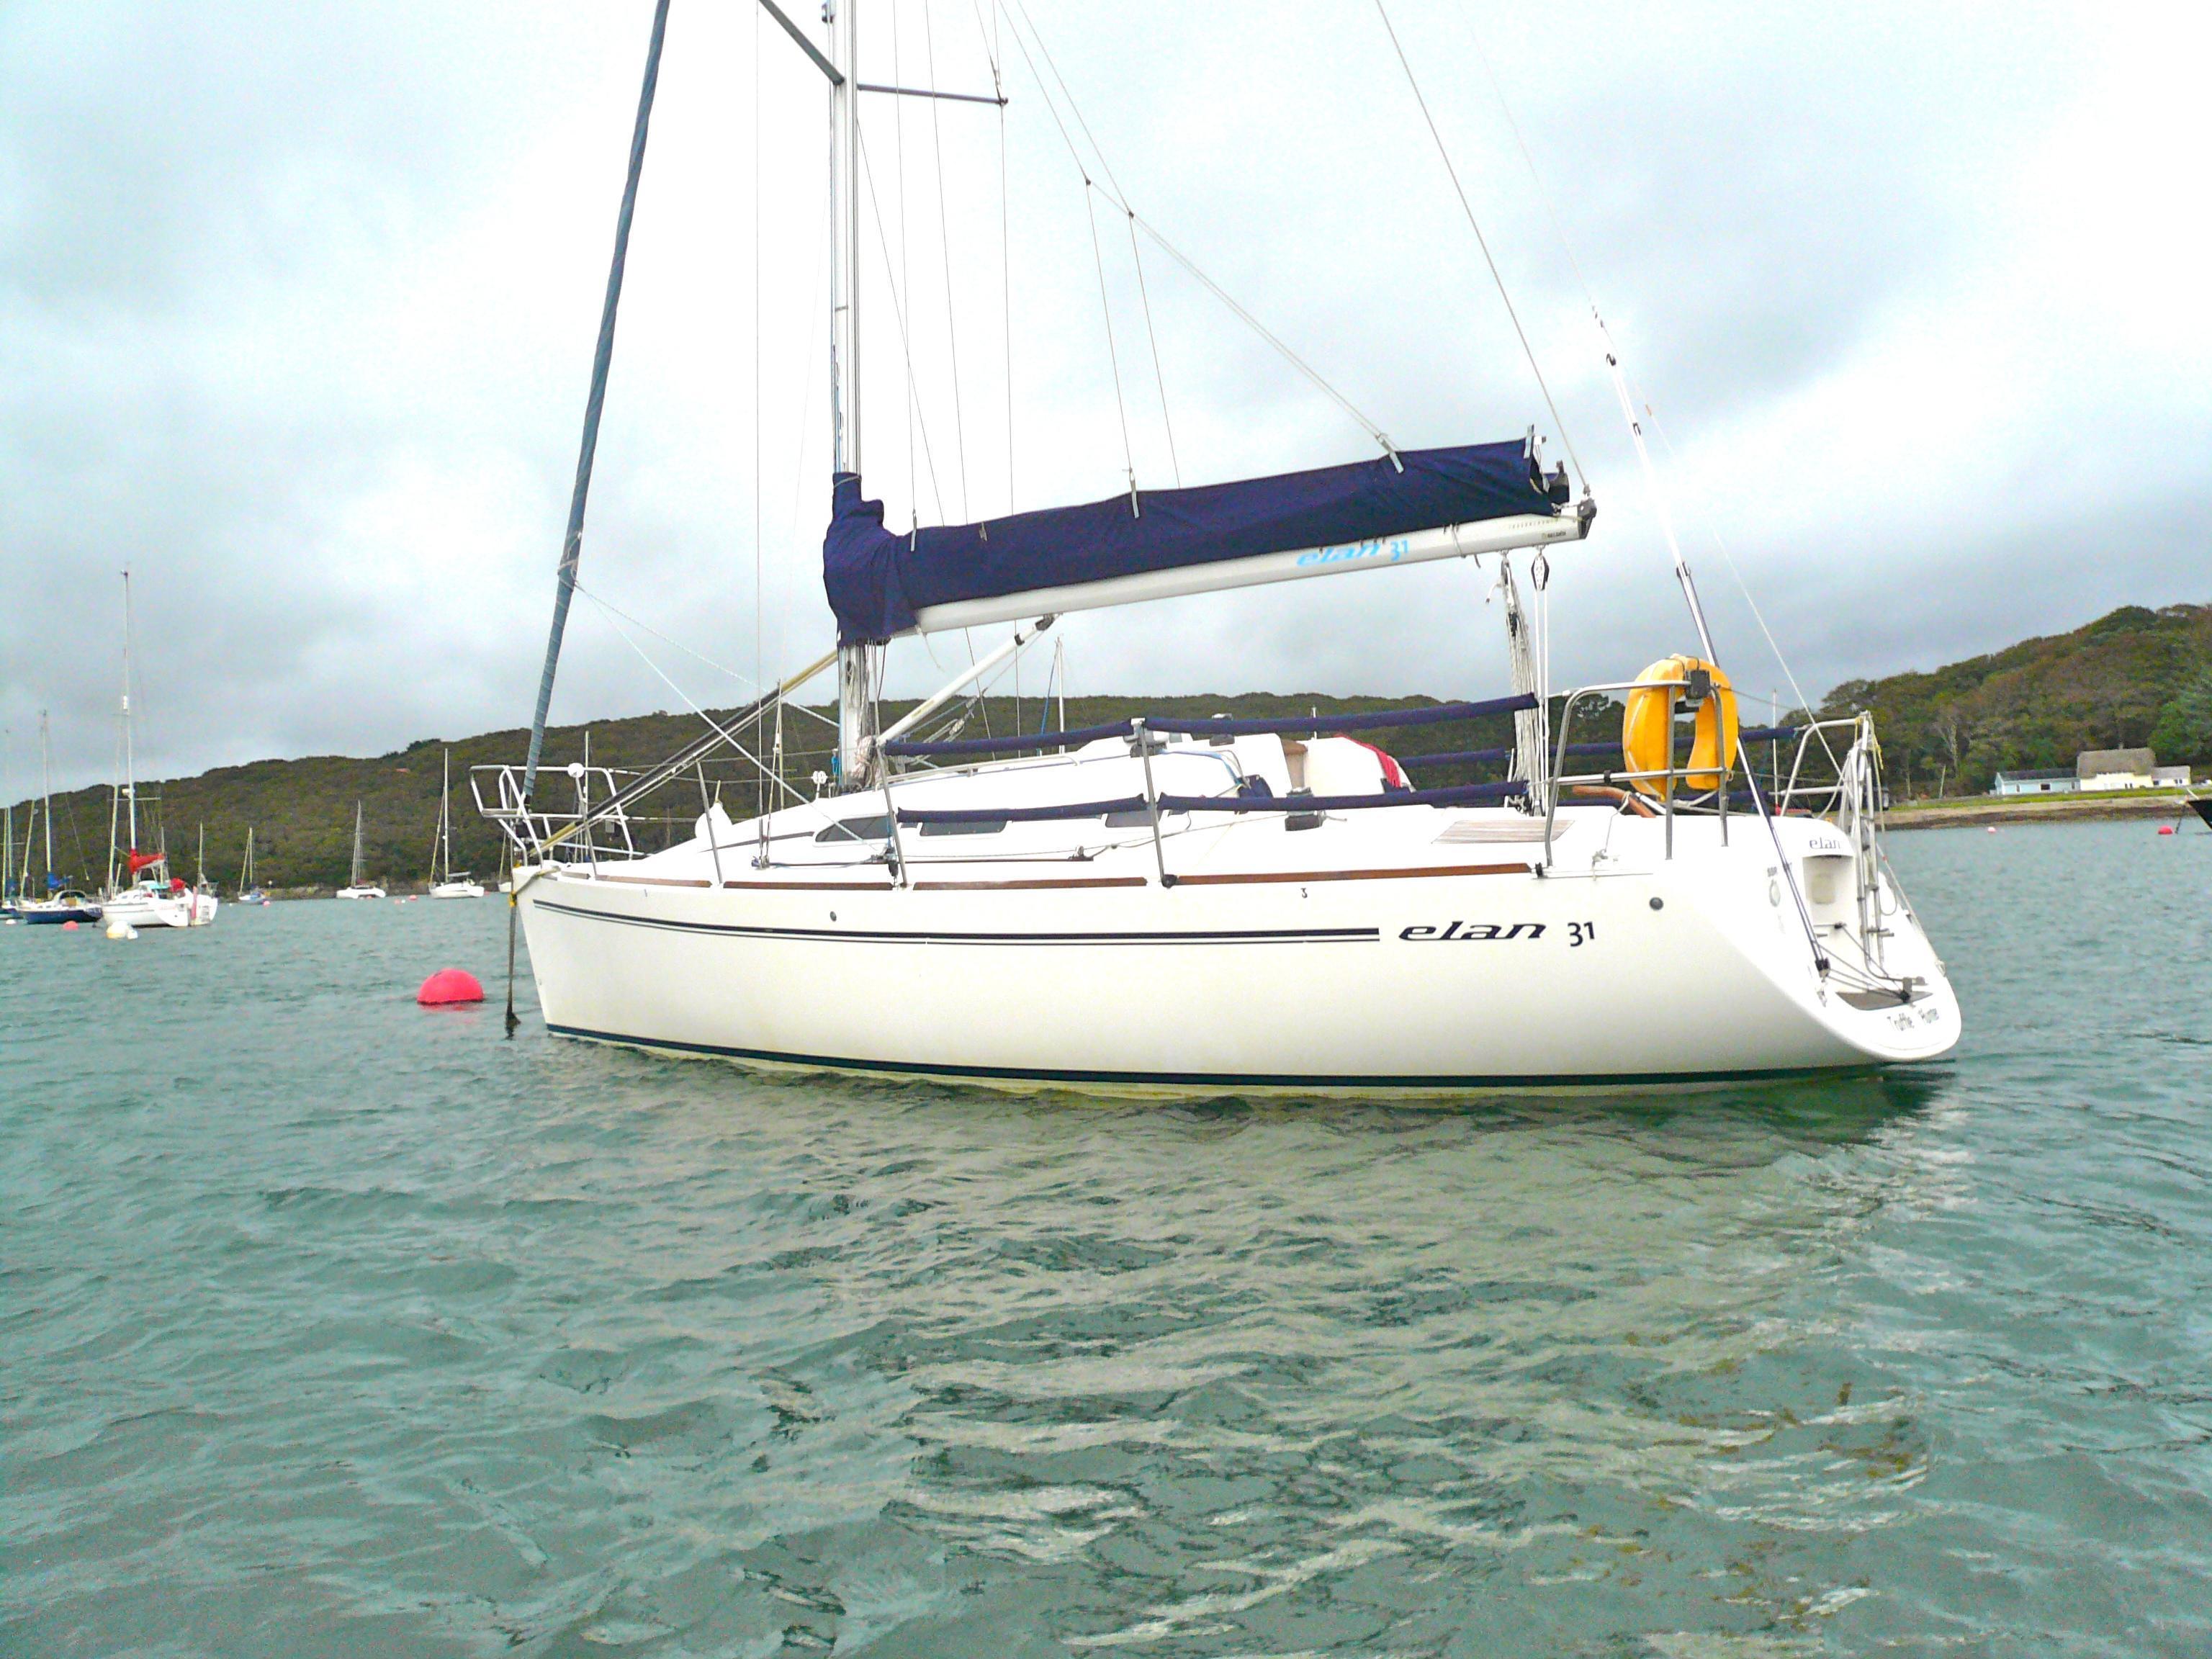 Elan 31, Cornwall